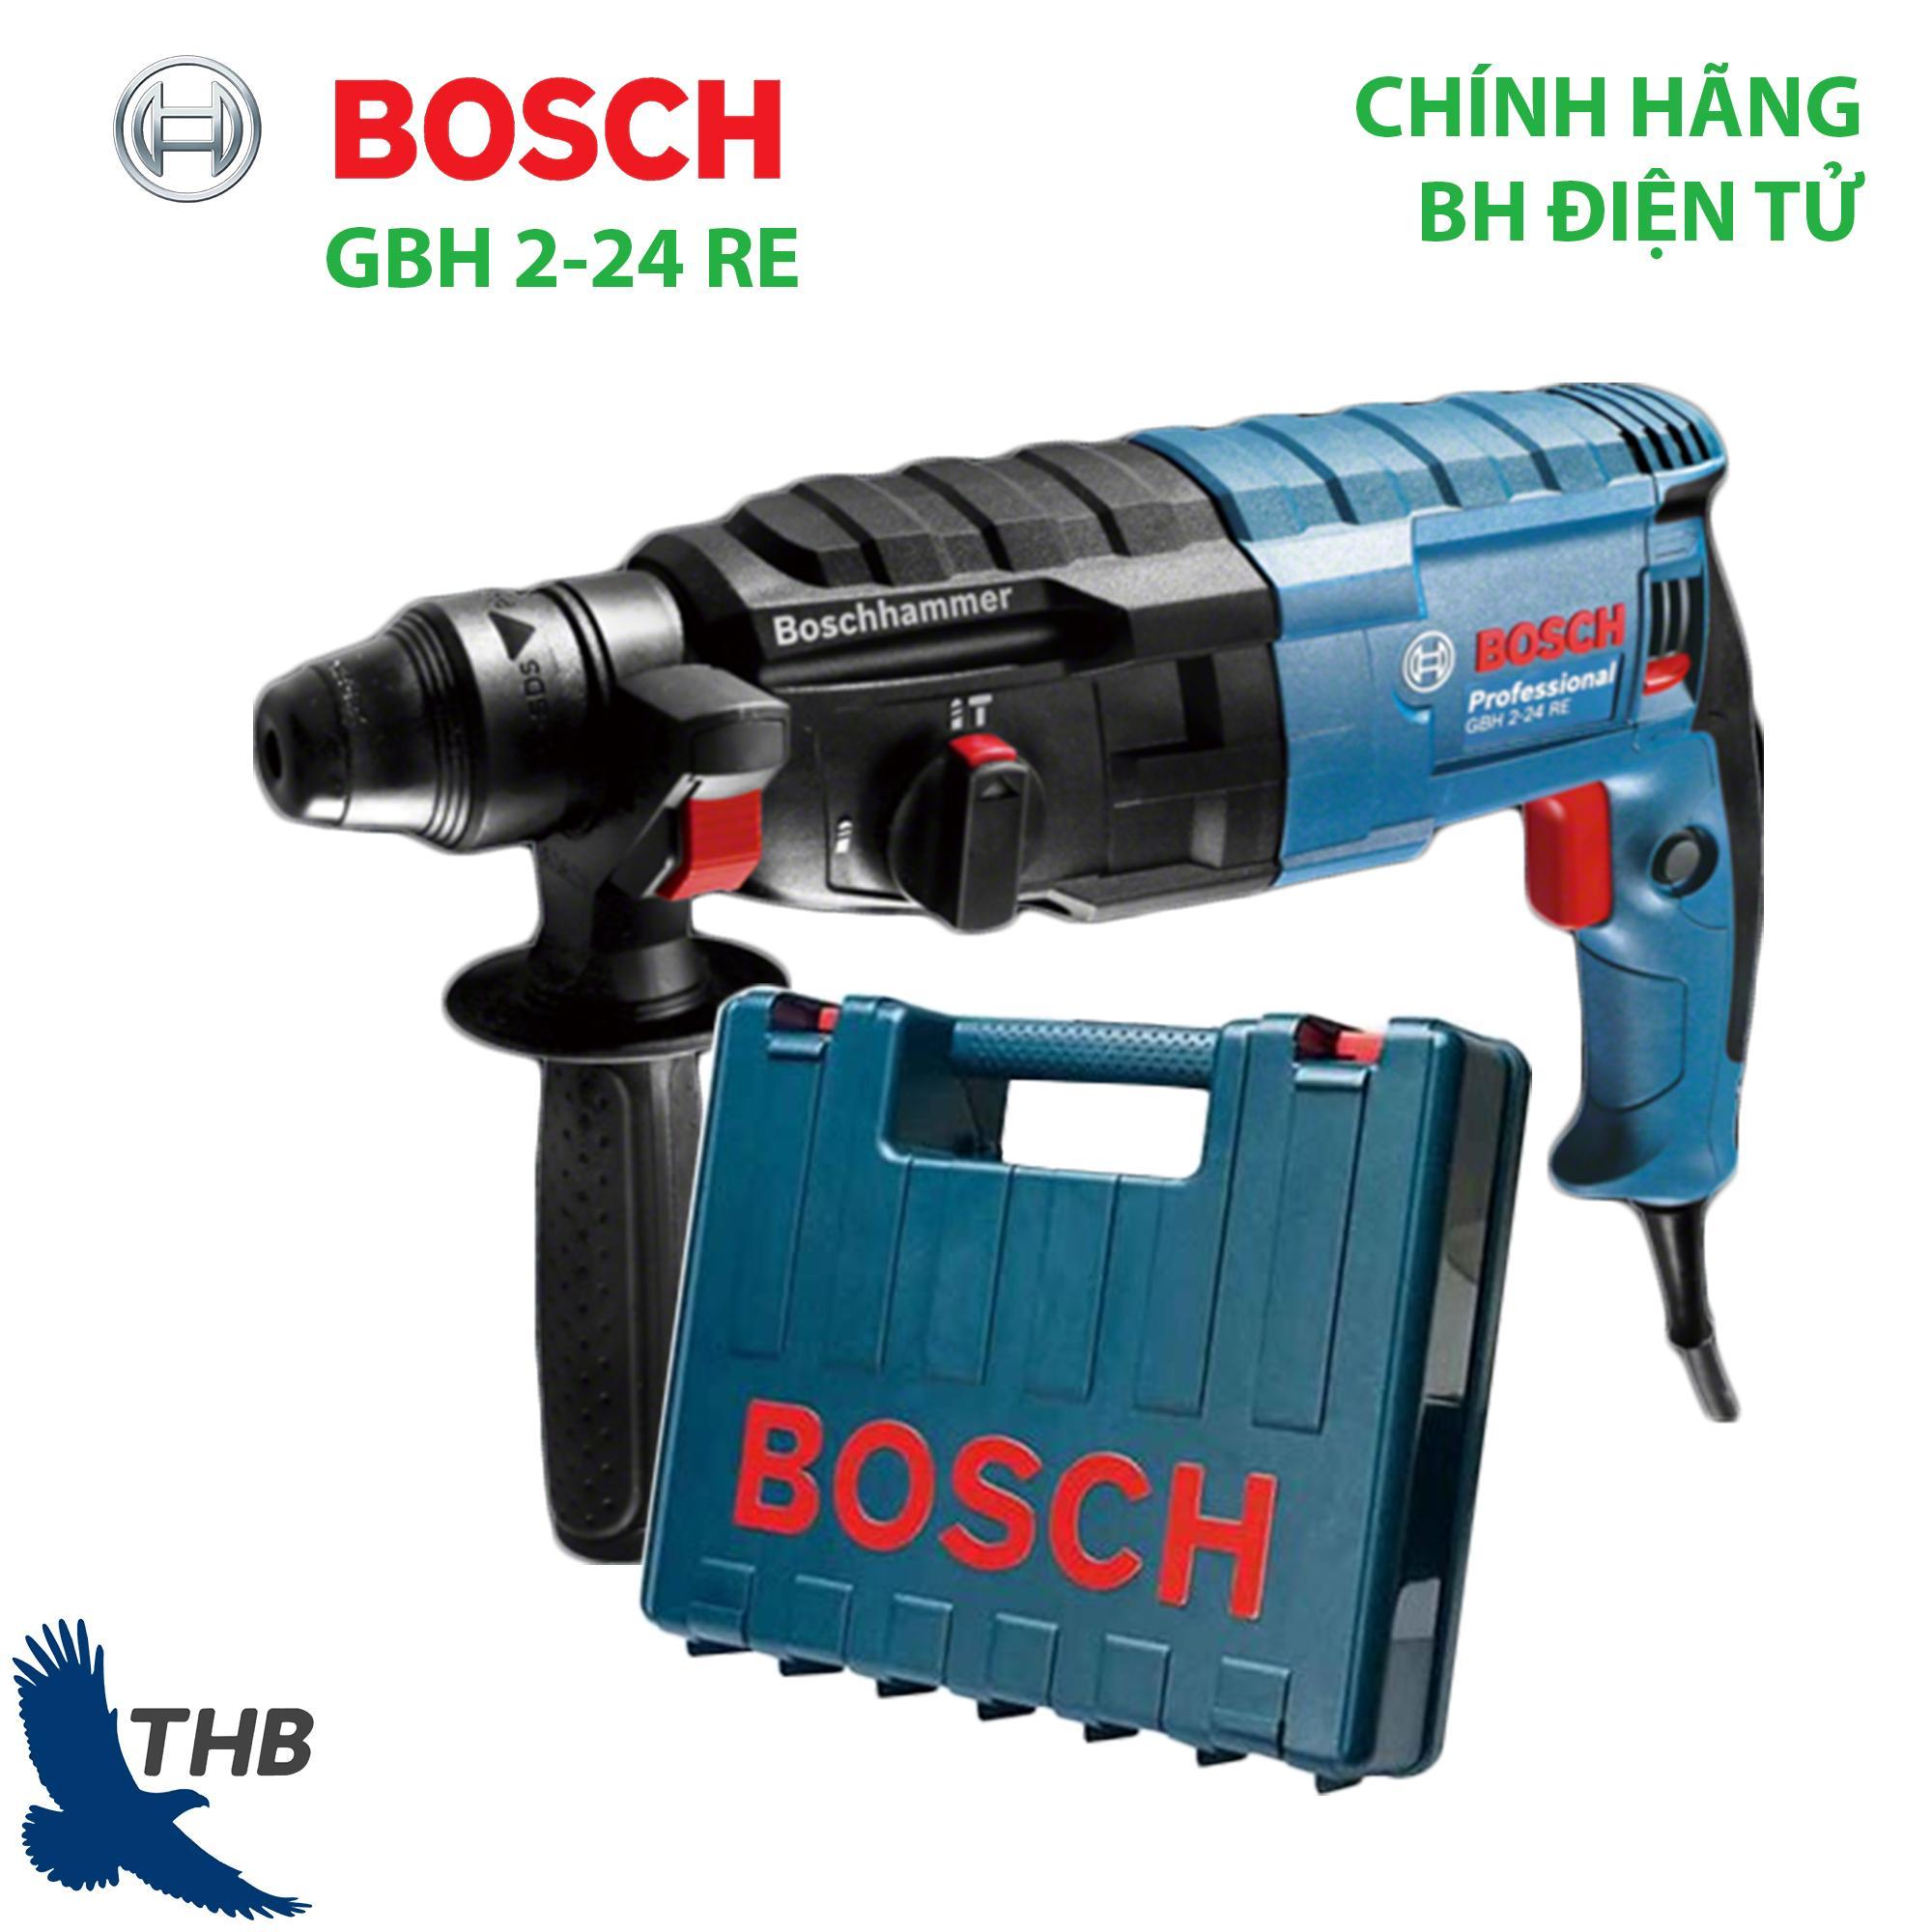 Máy khoan búa Máy khoan bê tông Bosch GBH 2-24 RE Công suất 790W Bảo hành 12 tháng